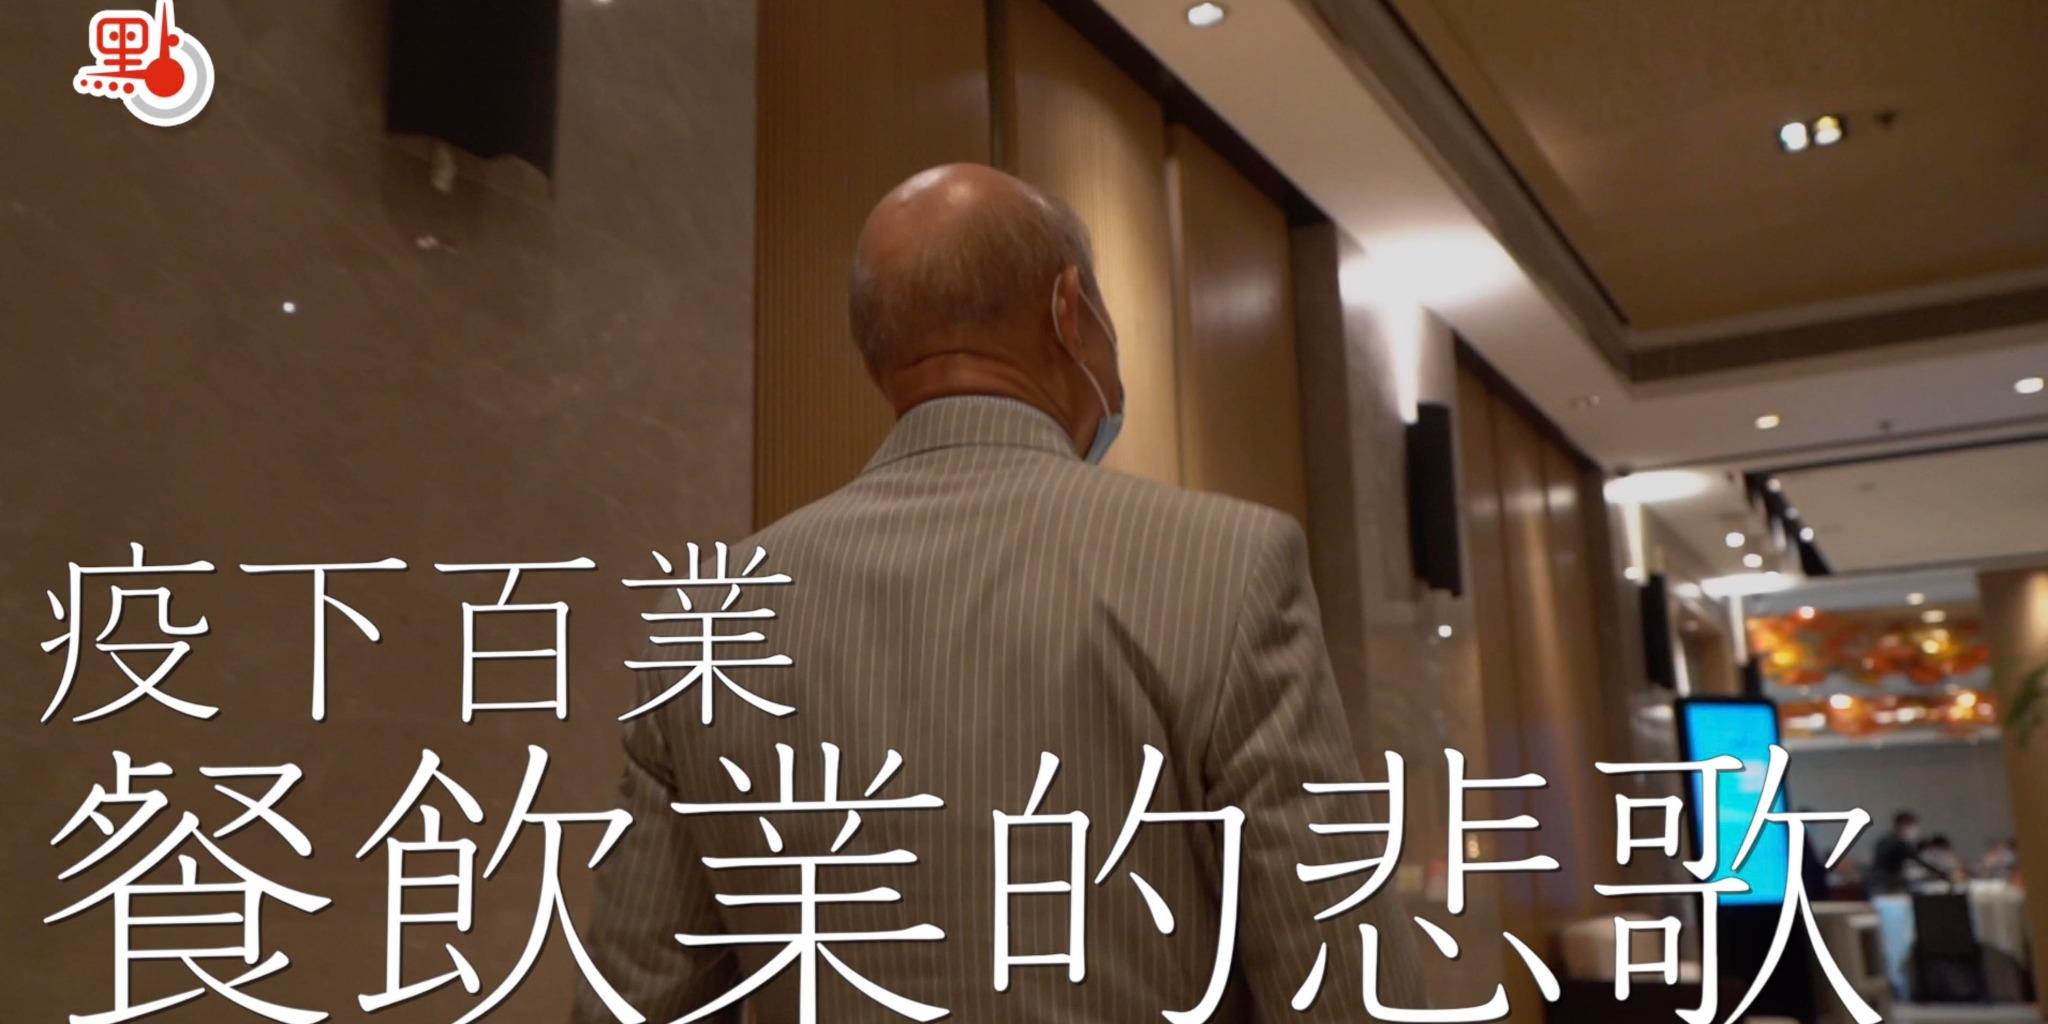 疫下百業 | 第三波疫情重創餐飲業 楊位醒:盼疫情受控逐步解封自由行